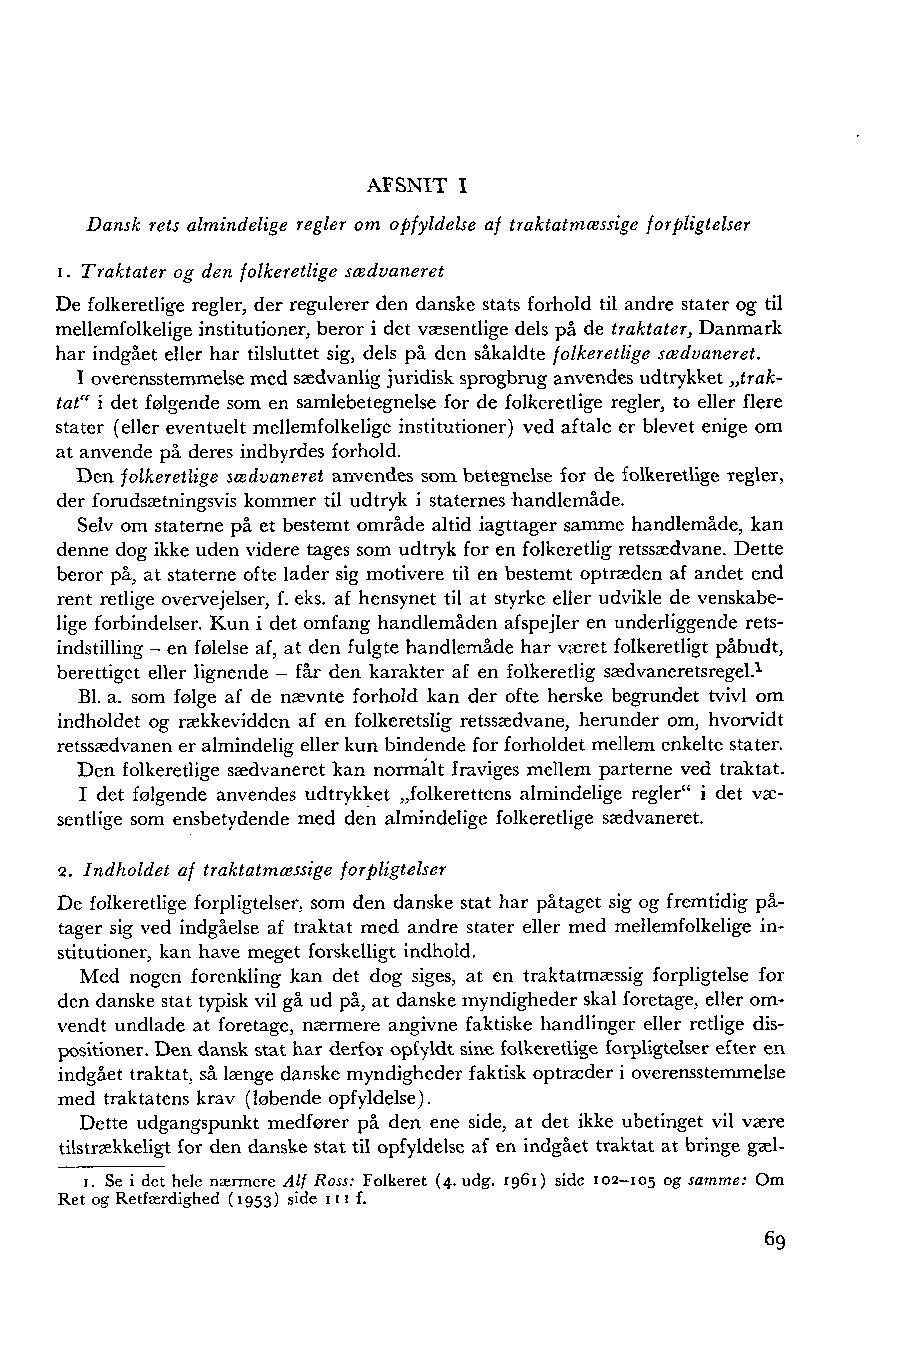 dansk rets almindelige regler